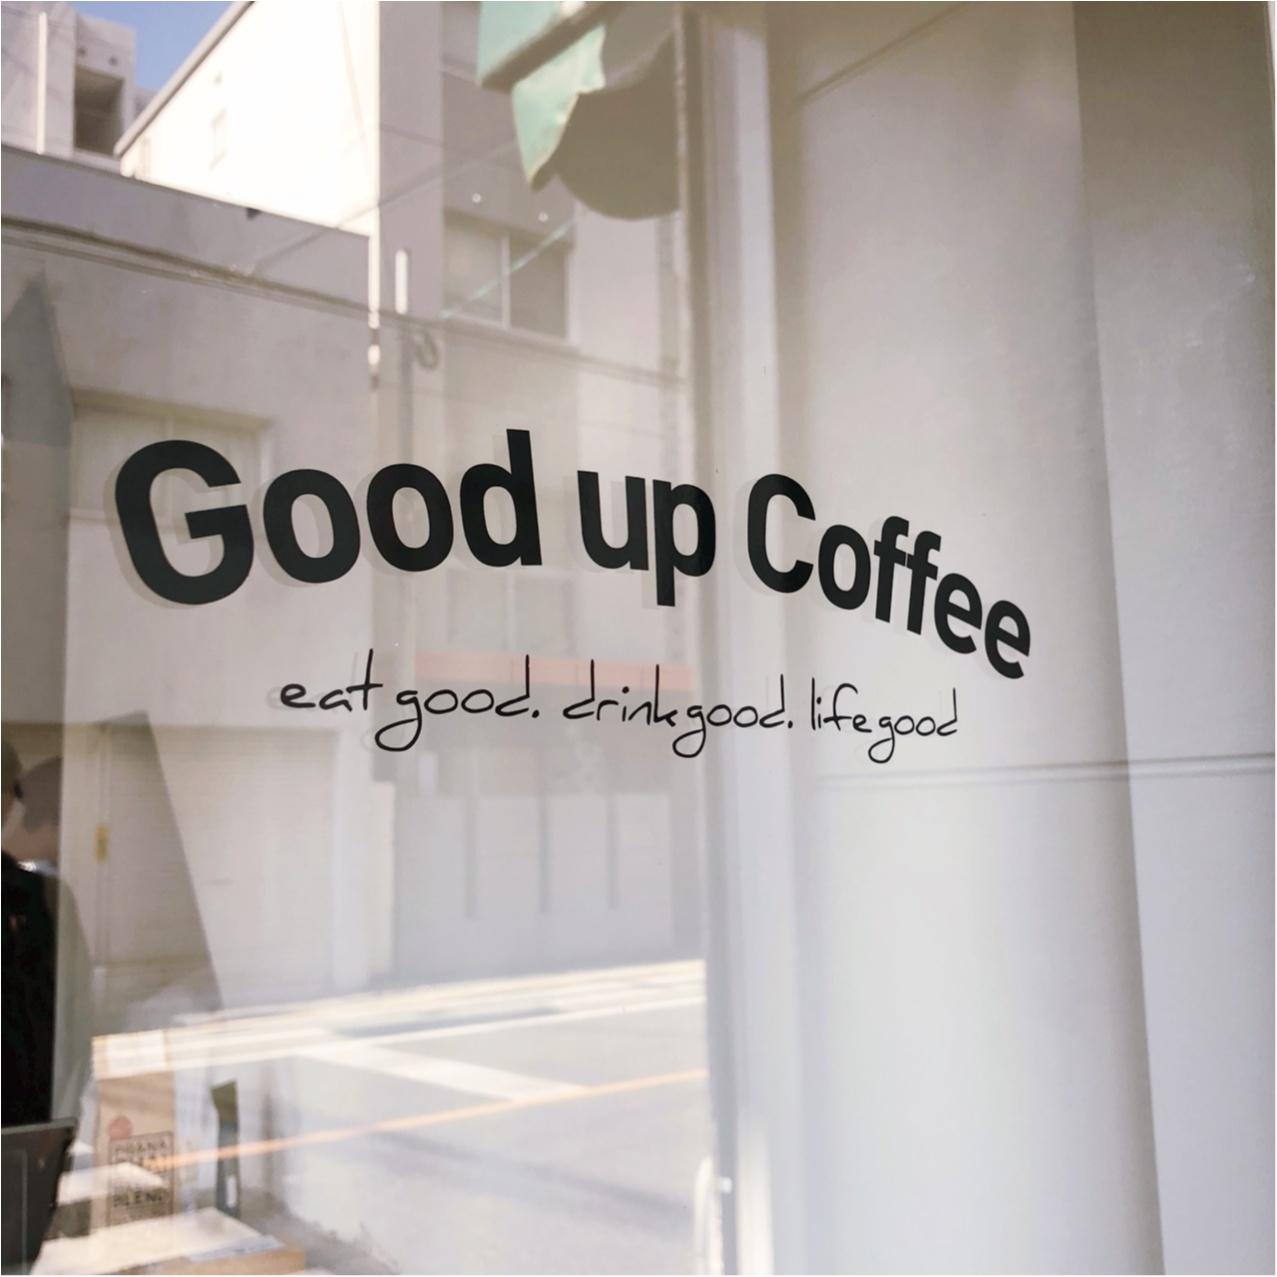 福岡で見つけたおしゃれカフェ♡  たっぷりのあんバタートーストとコーヒーが絶品なんです♡_1